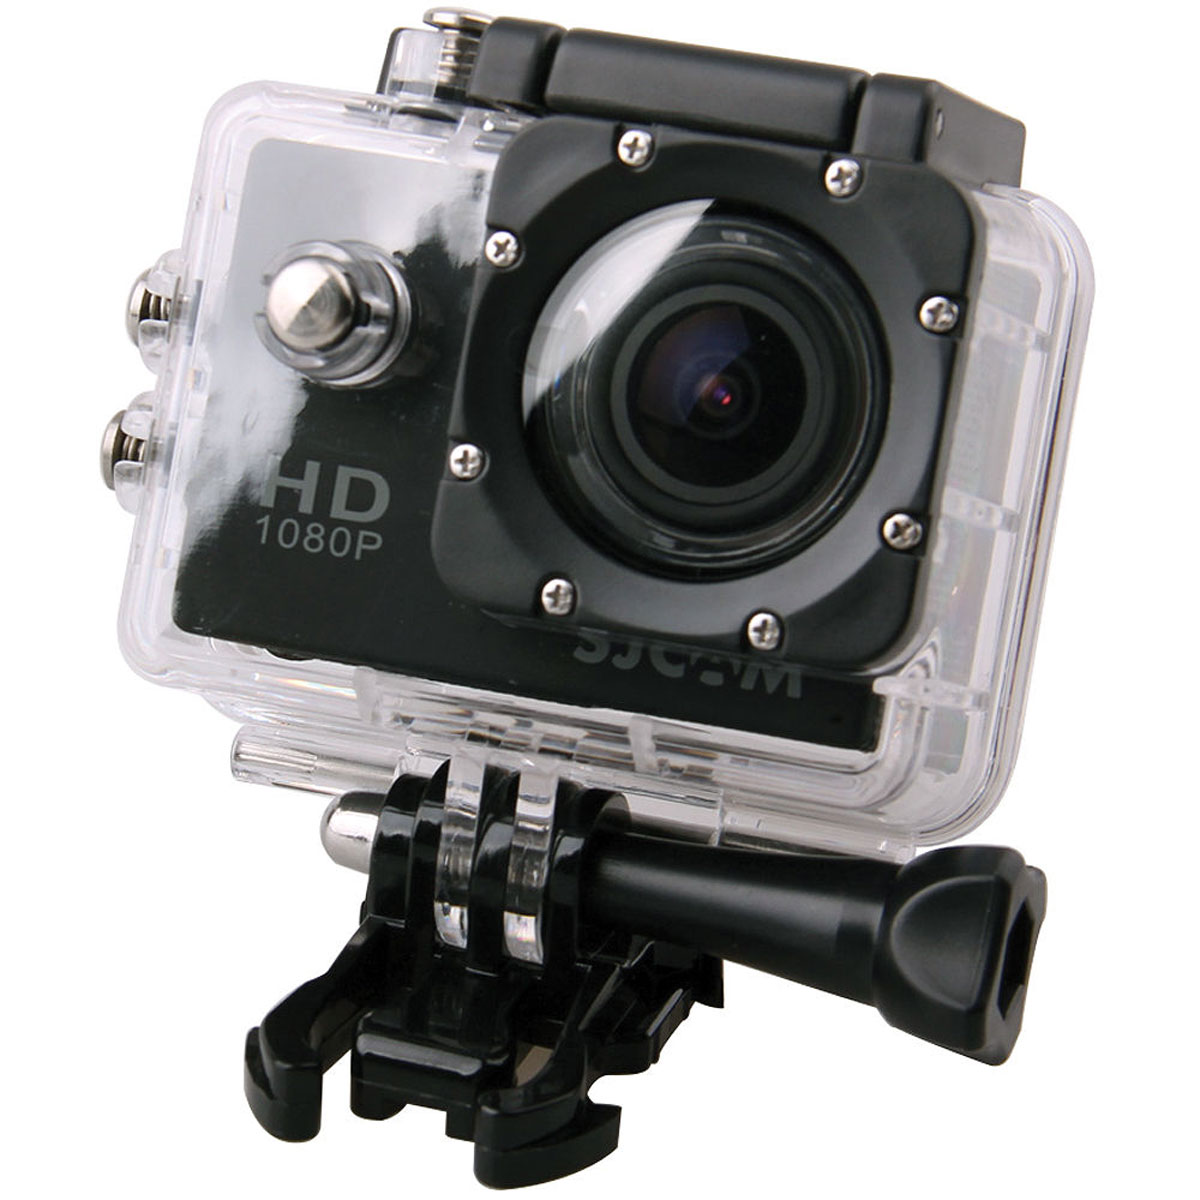 SJCAM SJ4000, Black экшн-камераSJ4000BlackSJCAM SJ4000 - это недорогой и качественный аналог GoPro. С ее помощью можно снимать экстремальные события, закрепив камеру в удобном месте. Вы также можете делать впечатляющие съёмки под водой на глубине до 30 метров благодаря водонепроницаемому боксу в комплекте.Благодаря режиму цейтаоферной съёмки камера SJCAM может сжимать многочасовые события (например, расцветающую розу) до нескольких секунд. Теперь восход солнца после съёмки произойдёт прямо на глазах ваших друзей! SJCAM SJ4000 может быть использована в качестве видеорегистратора благодаря возможности циклической записи. Для этого разместите её на стекле автомобиля с помощью специального крепления и нажмите на кнопку записи.Данную модель можно использовать и в качестве Full HD веб-камеры. Всё, что необходимо сделать - это подключить SJCAM к компьютеру через кабель USB и запустить Skype.Камера SJ4000 подойдёт практически для любых видов спорта. В комплекте вы найдёте крепления на велосипед, на шлем, липучки и ремни, позволяющие закрепить камеру на любые поверхности.Процессор: Novatek NT96650Дисплей: LCD, 1,5 (4:3)Емкость аккумулятора: 900 мАчВремя автономной работы: до 80 минутКак выбрать экшн-камеру. Статья OZON Гид